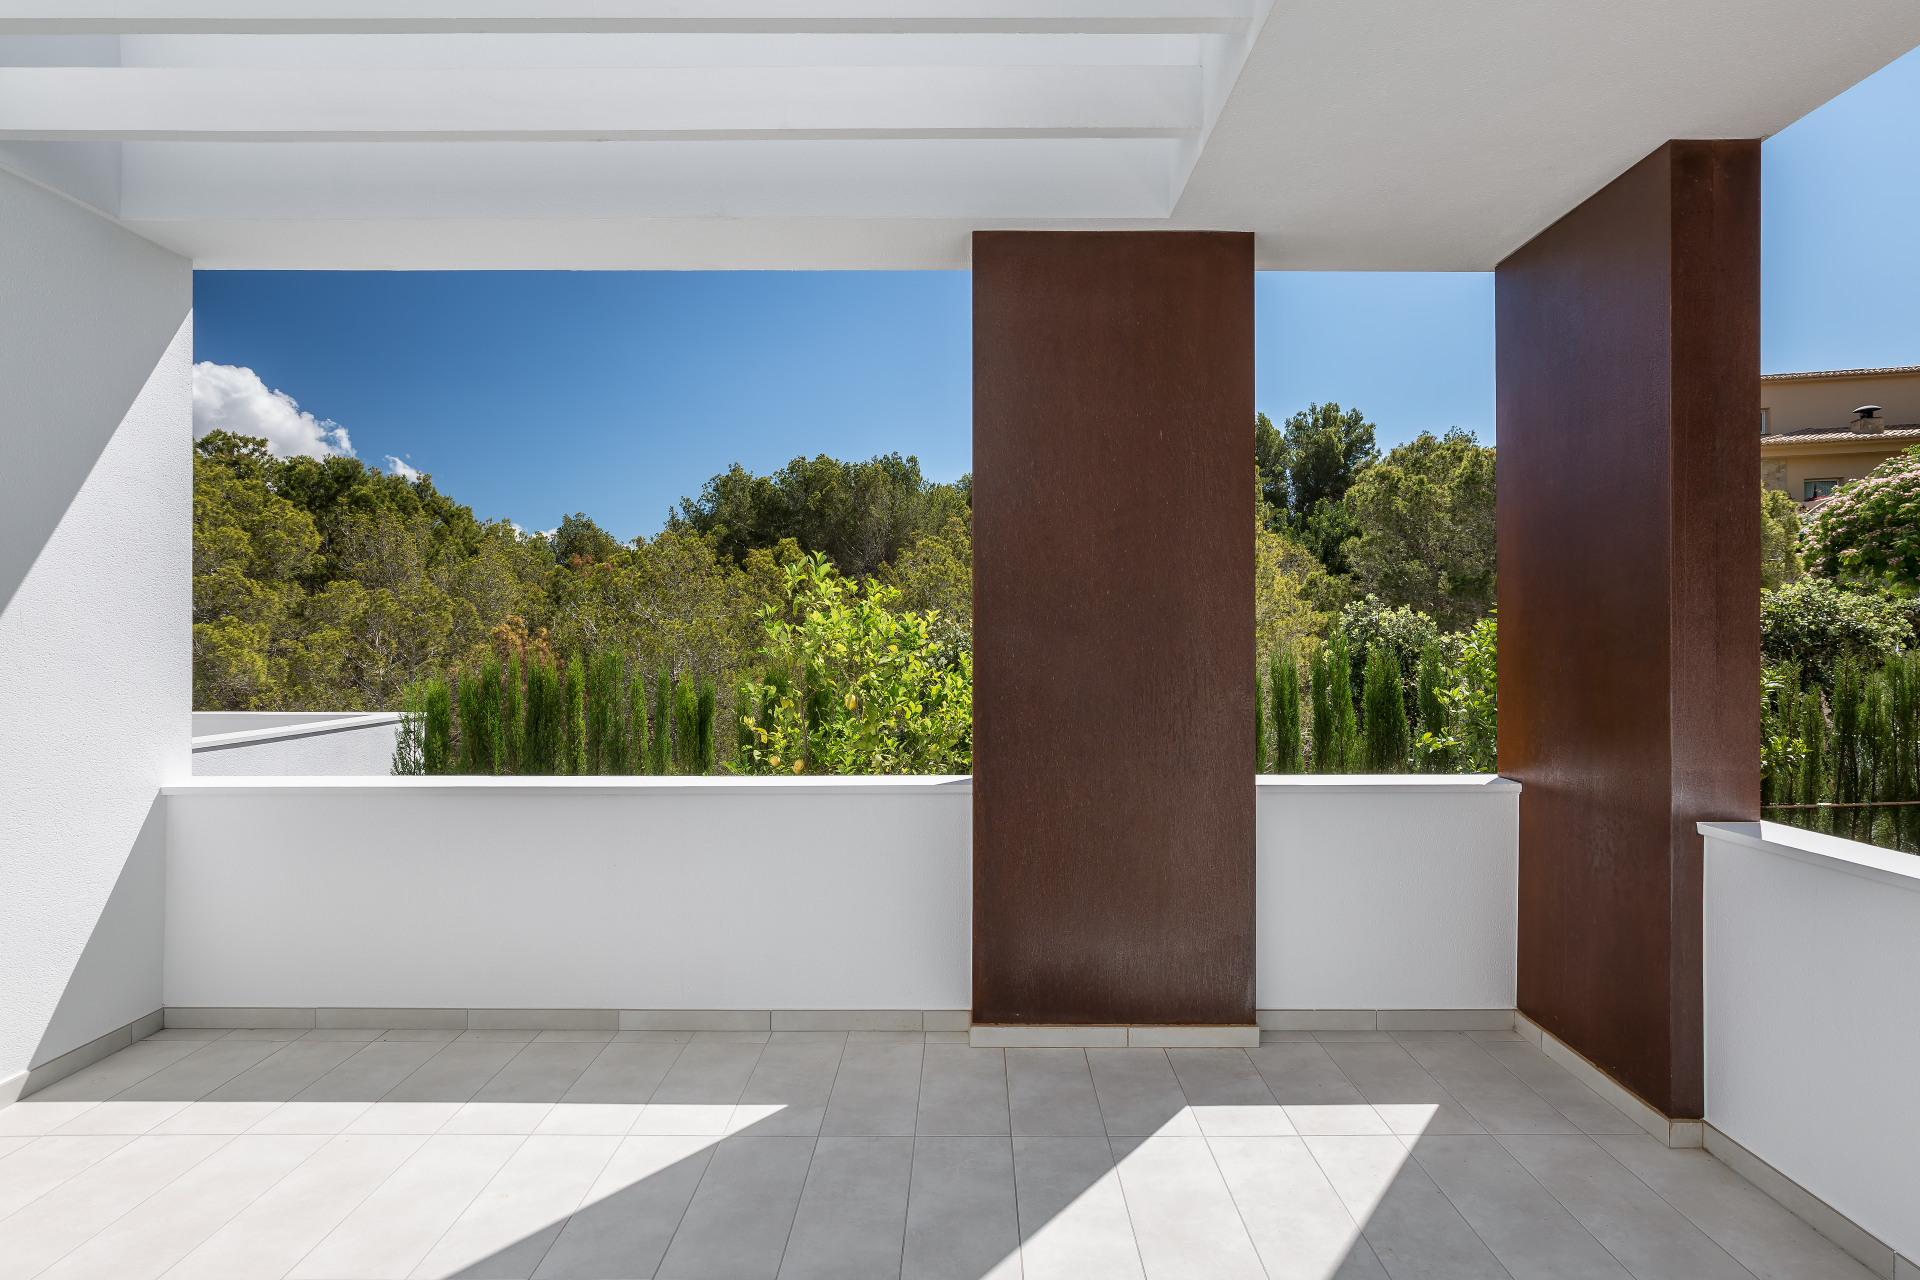 fotografia-arquitectura-interiorismo-valencia-alicante-moraira-german-cabo-laura-yerpes (7)